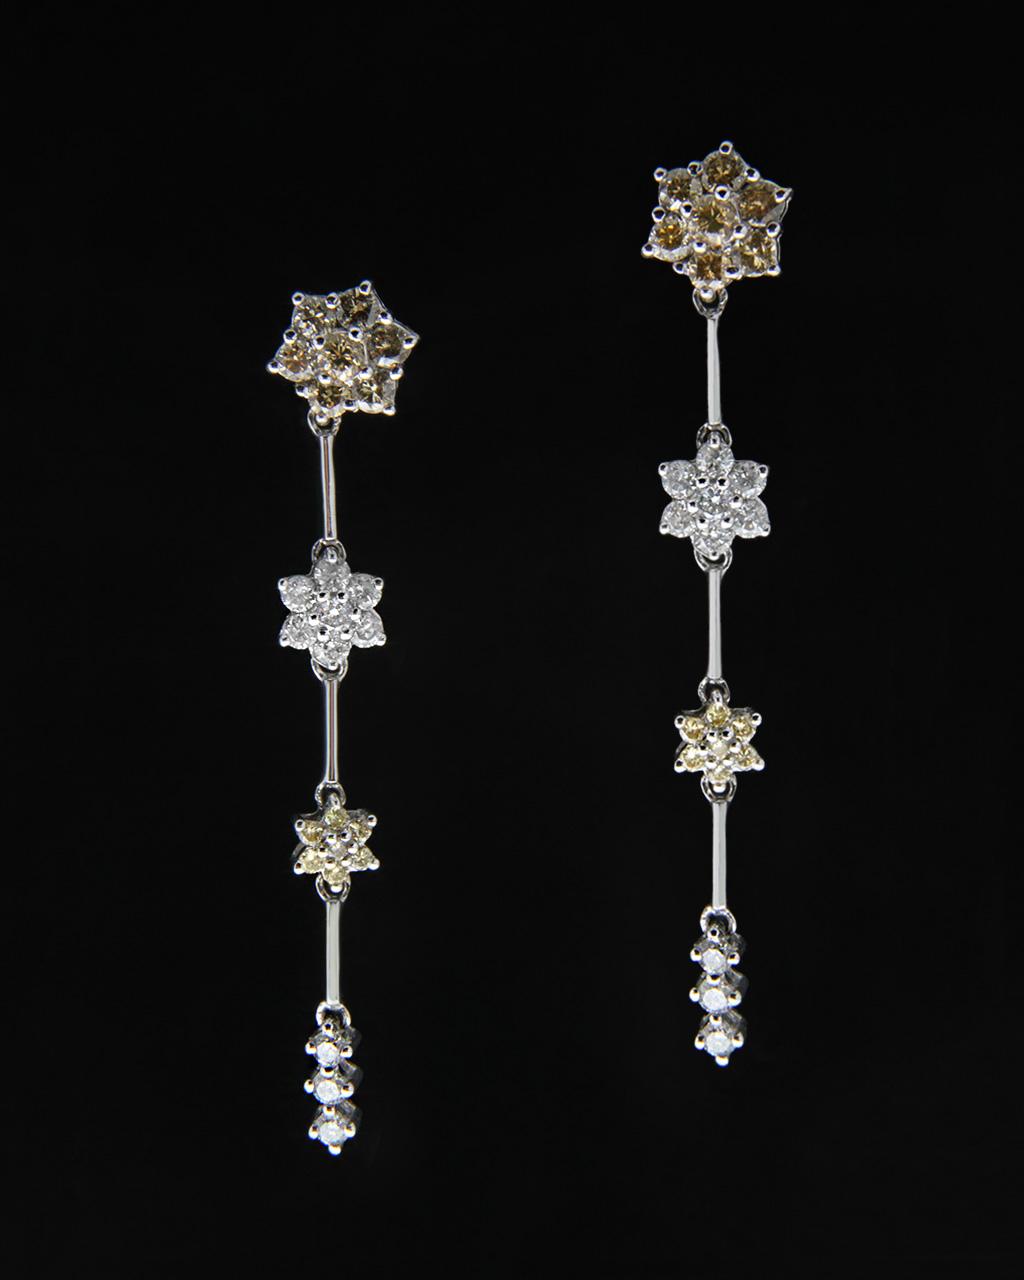 Σκουλαρίκια λευκόχρυσα Κ18 με Διαμάντια   ζησε το μυθο νυφικό κόσμημα